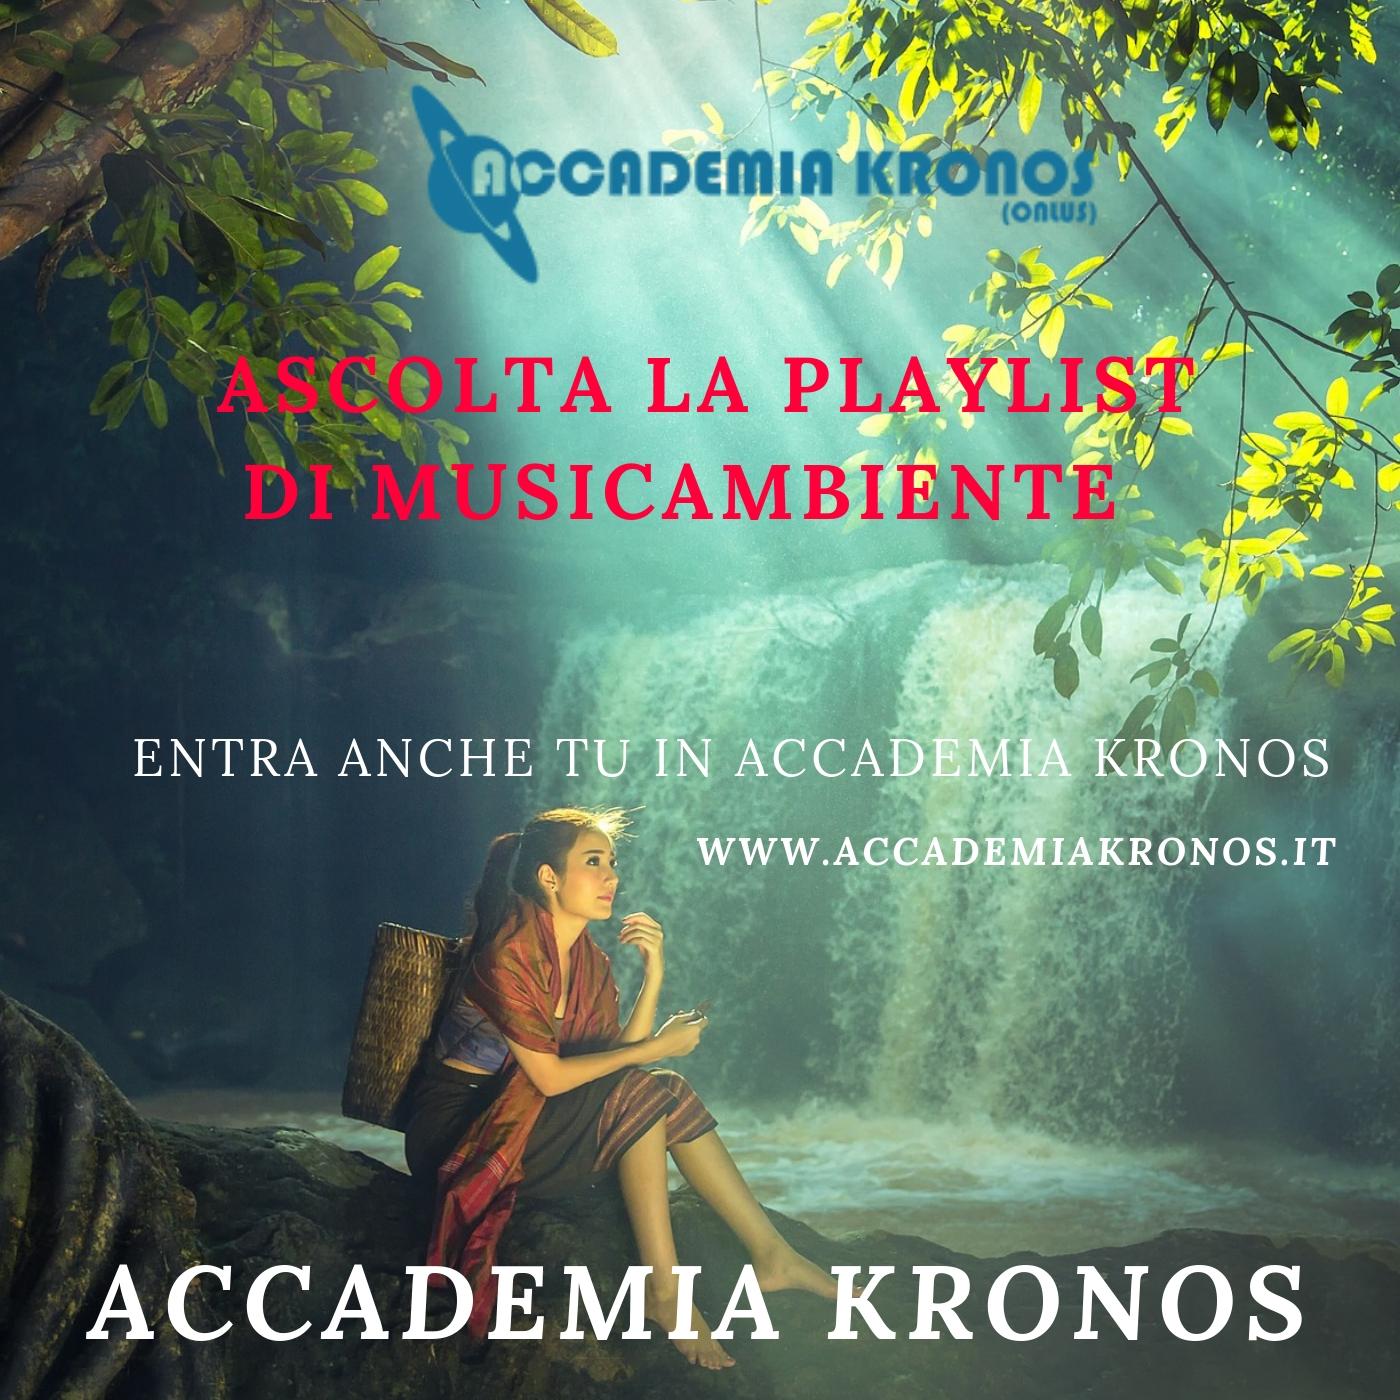 Playlist Musicambiente